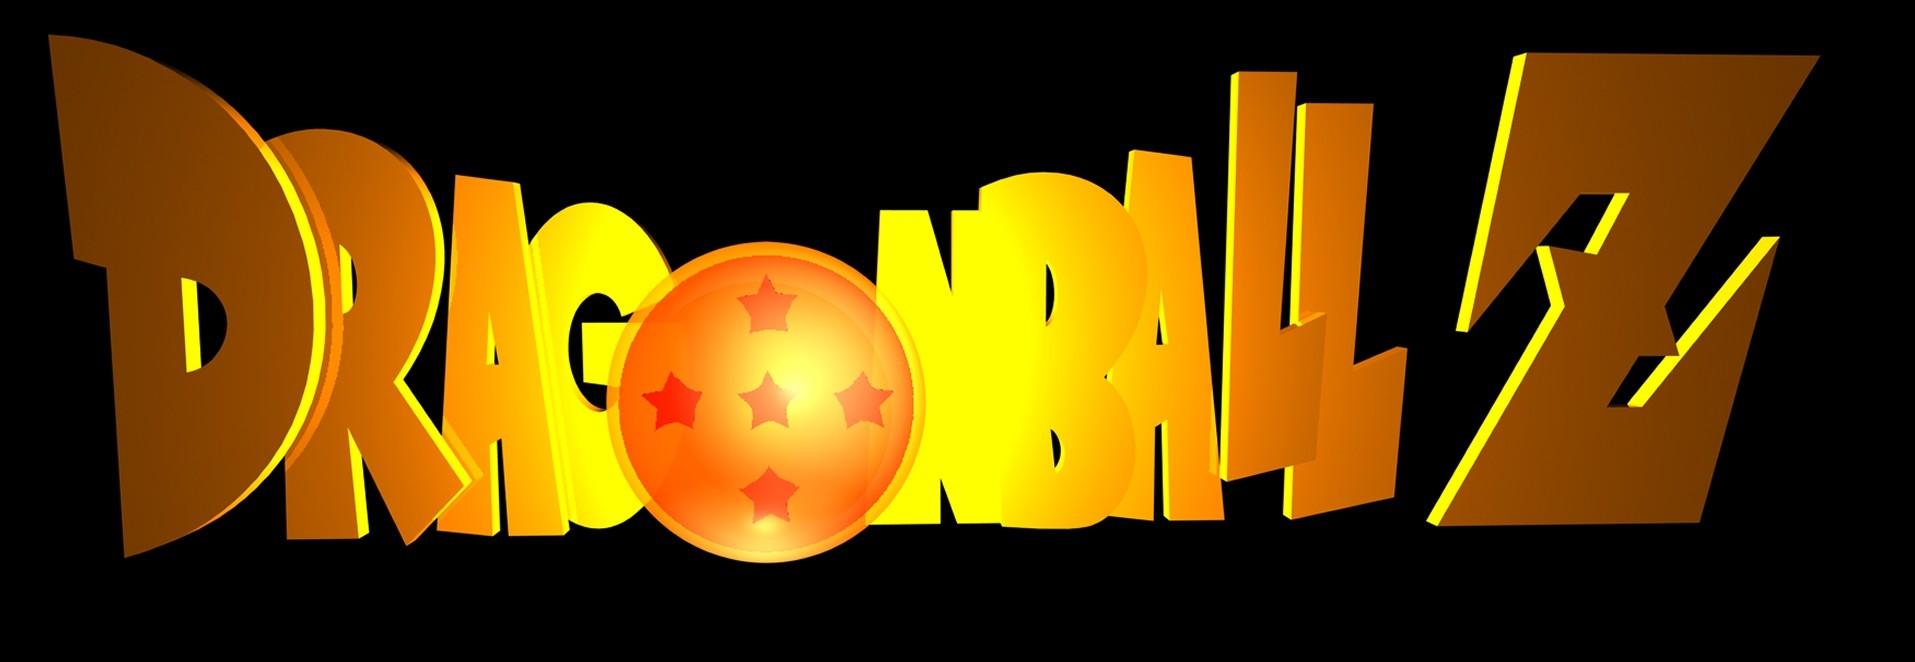 Dragon_Ball_Z_Logo_by_100SeedlessPenguins